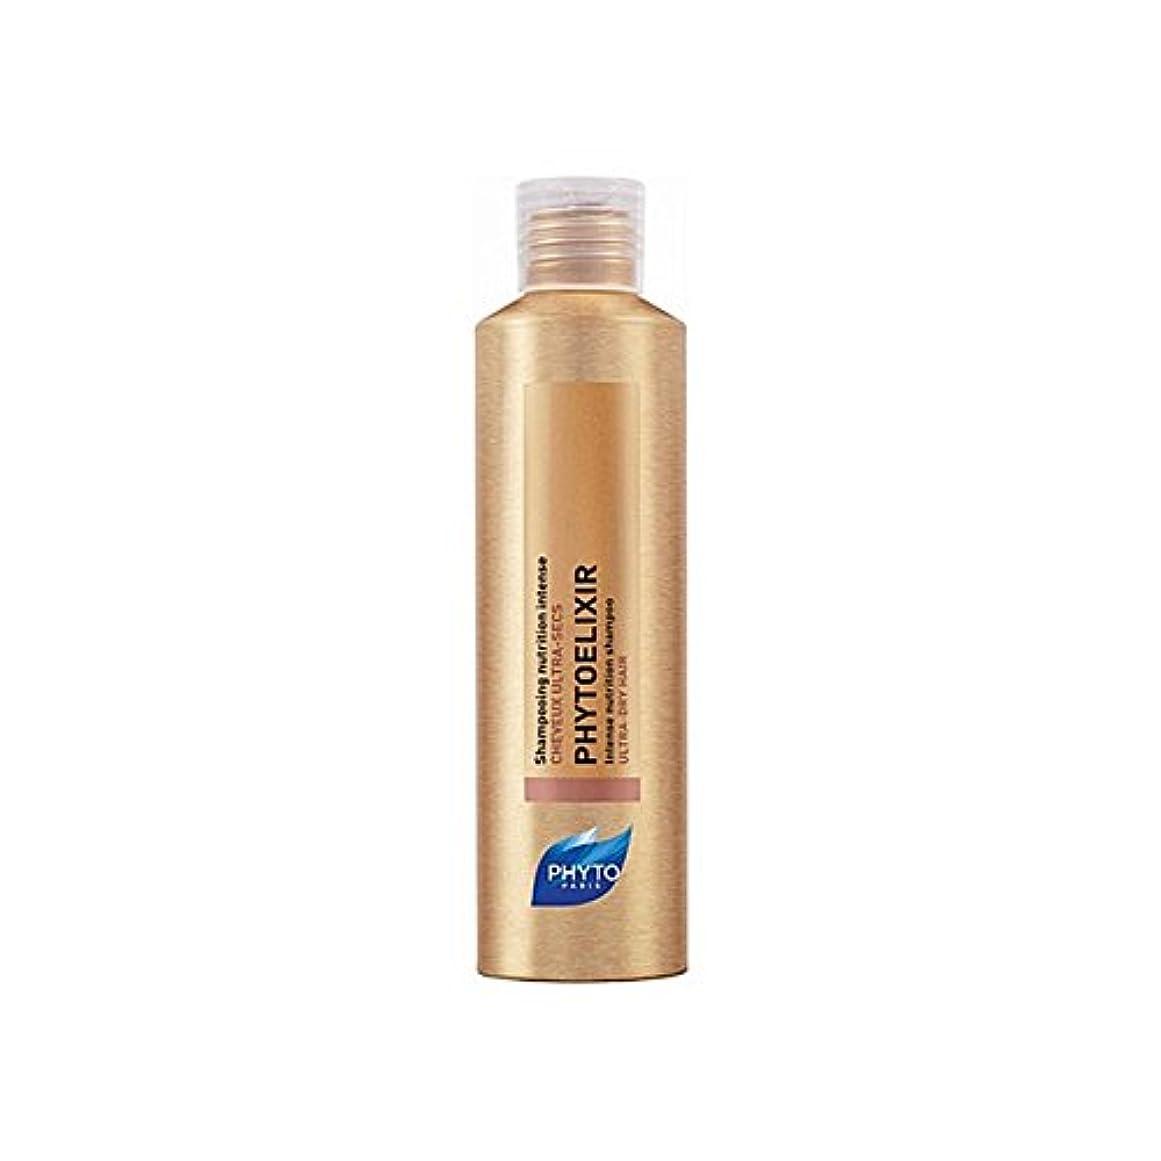 抱擁共感する同化するフィトの強烈な栄養シャンプー x4 - Phyto Phytoelixir Intense Nutrition Shampoo (Pack of 4) [並行輸入品]